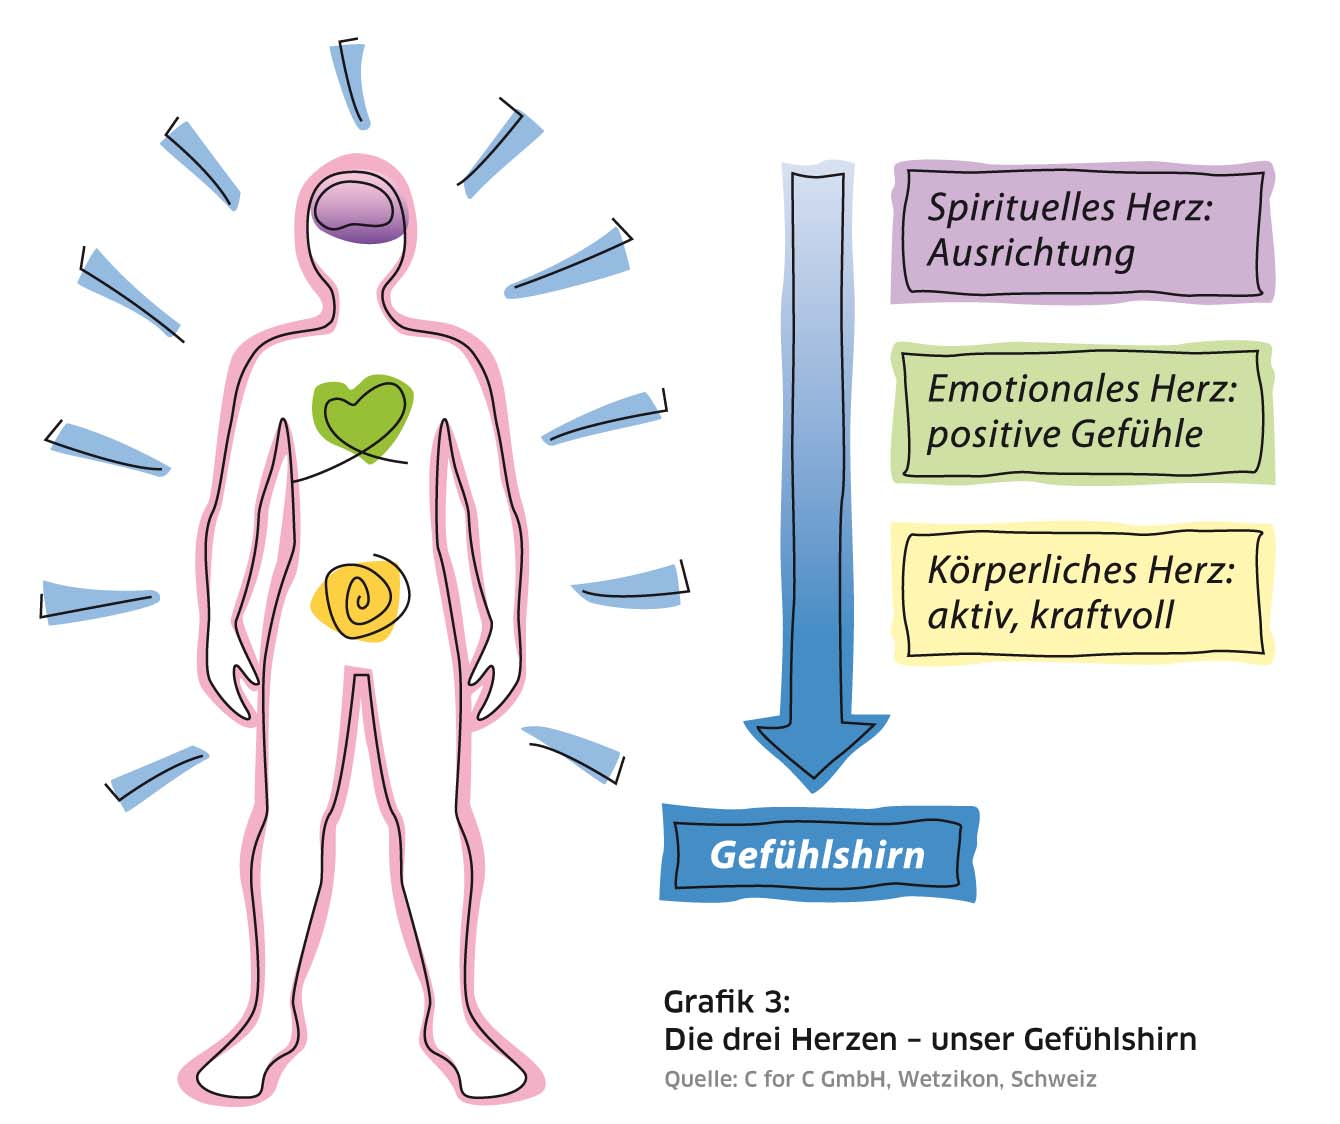 Atemberaubend Herzanatomie Diagramm Etikett Bilder - Menschliche ...